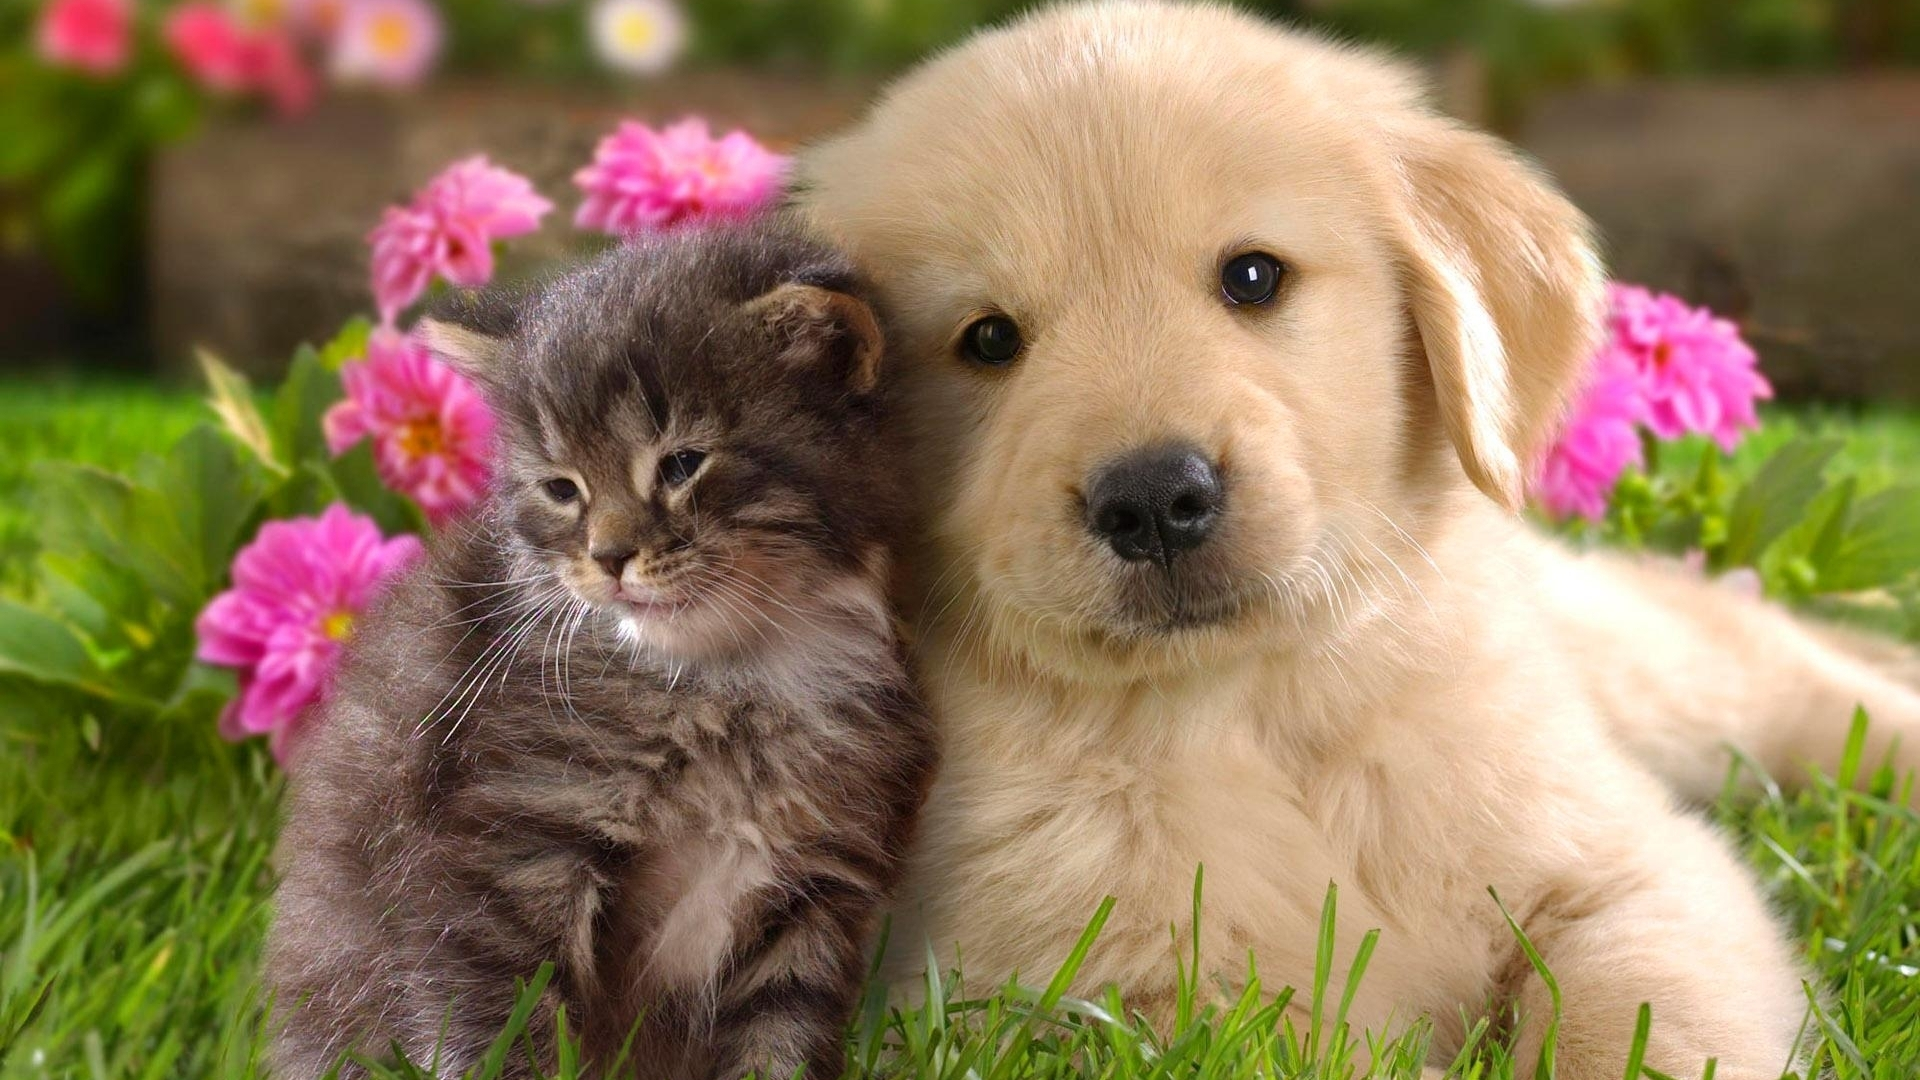 котенок и щенок сидят в обнимку, скачать фото, обои для рабочего стола